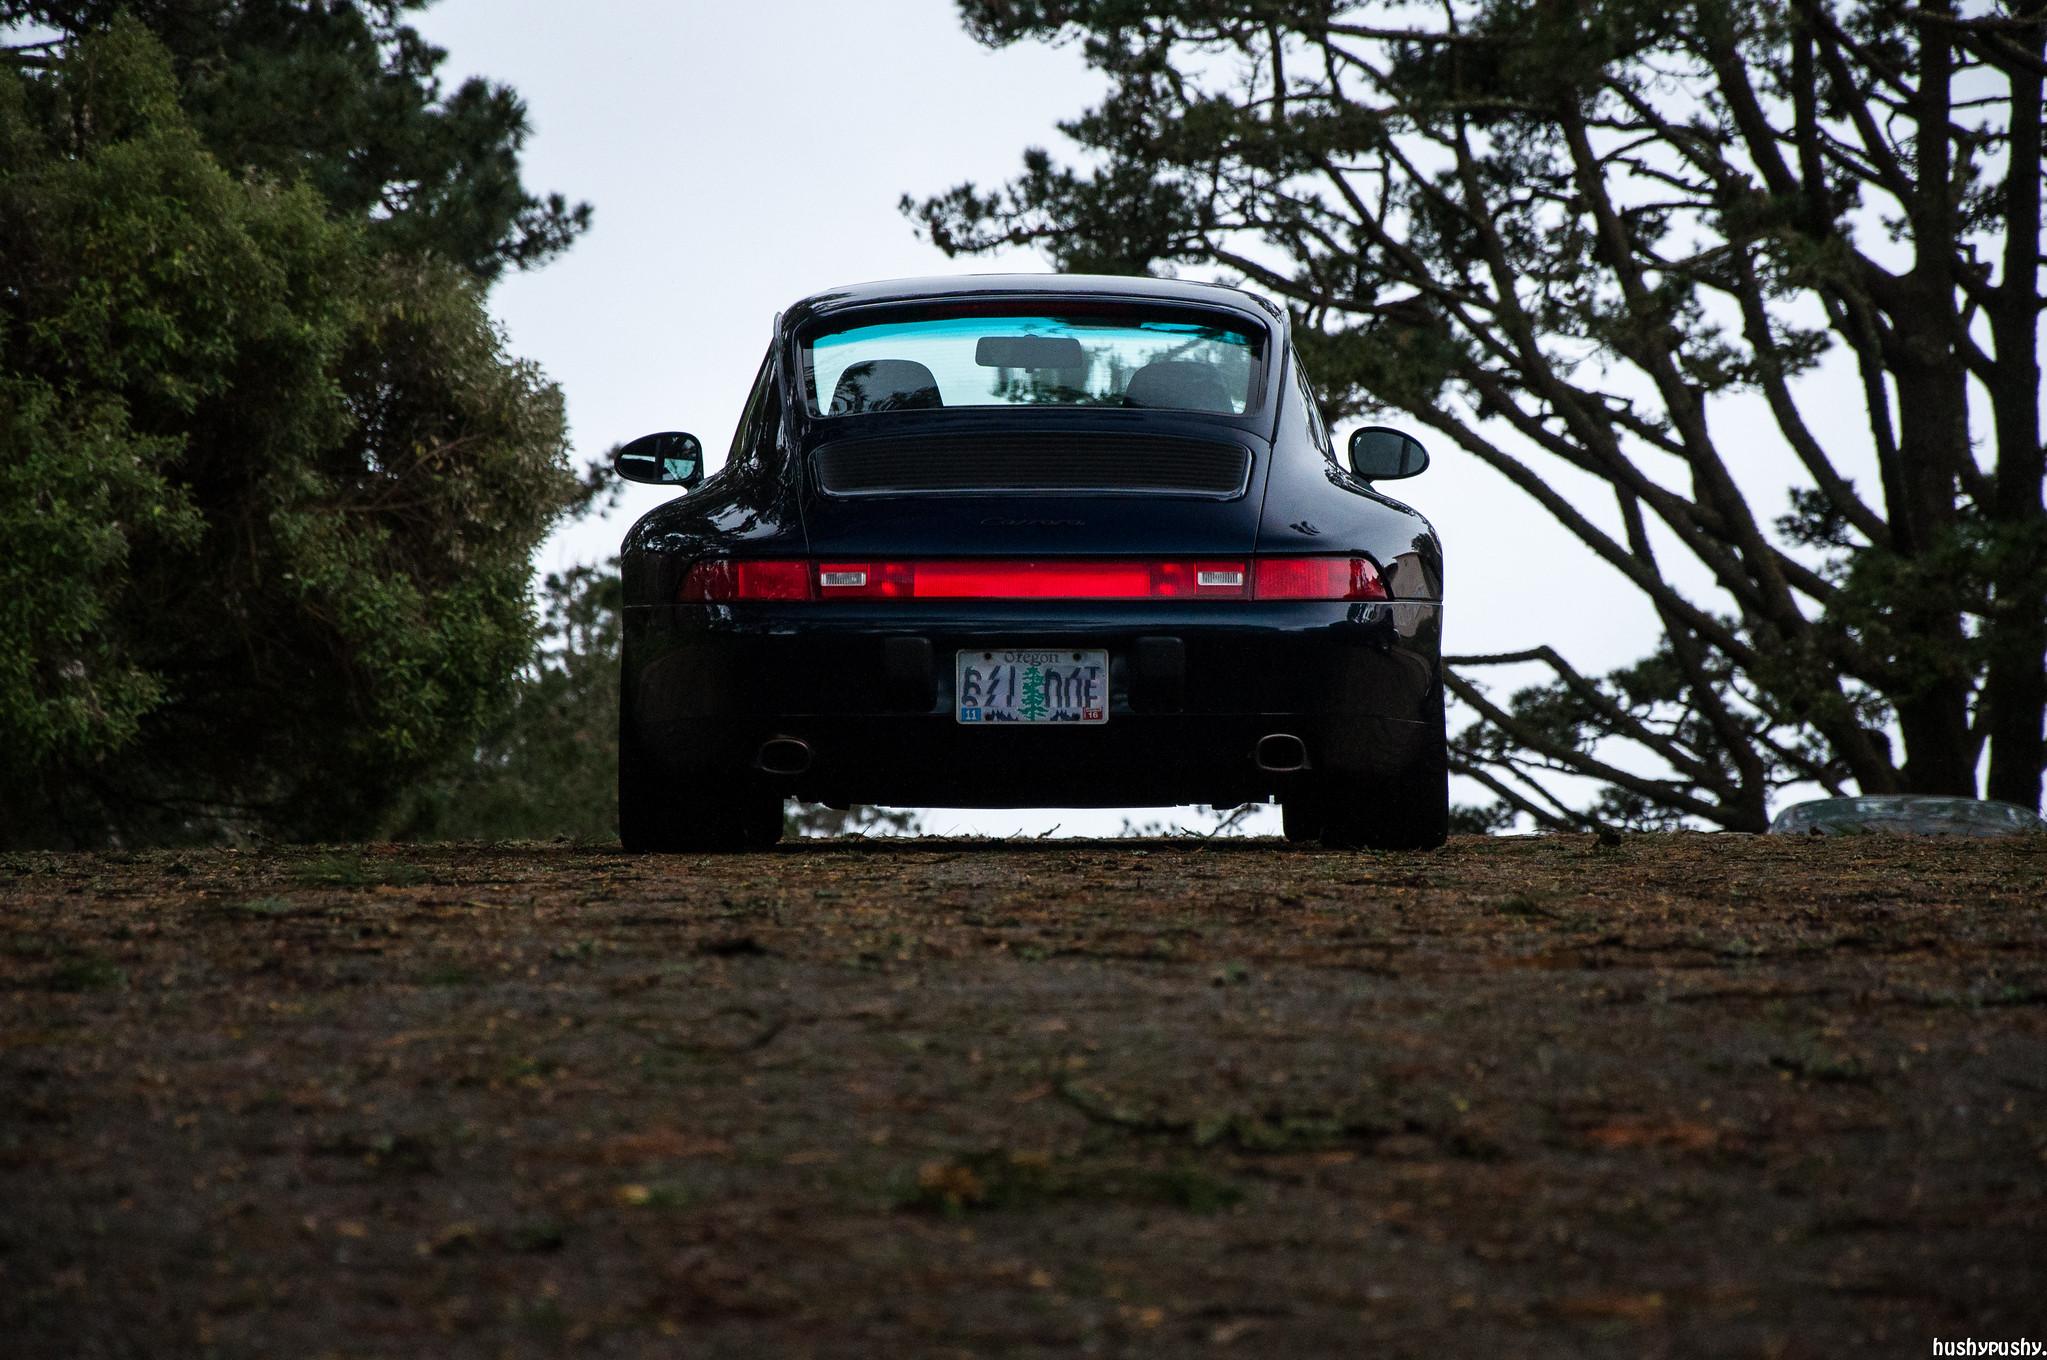 Porche 911/993 Carrera - Foto de hushypushy